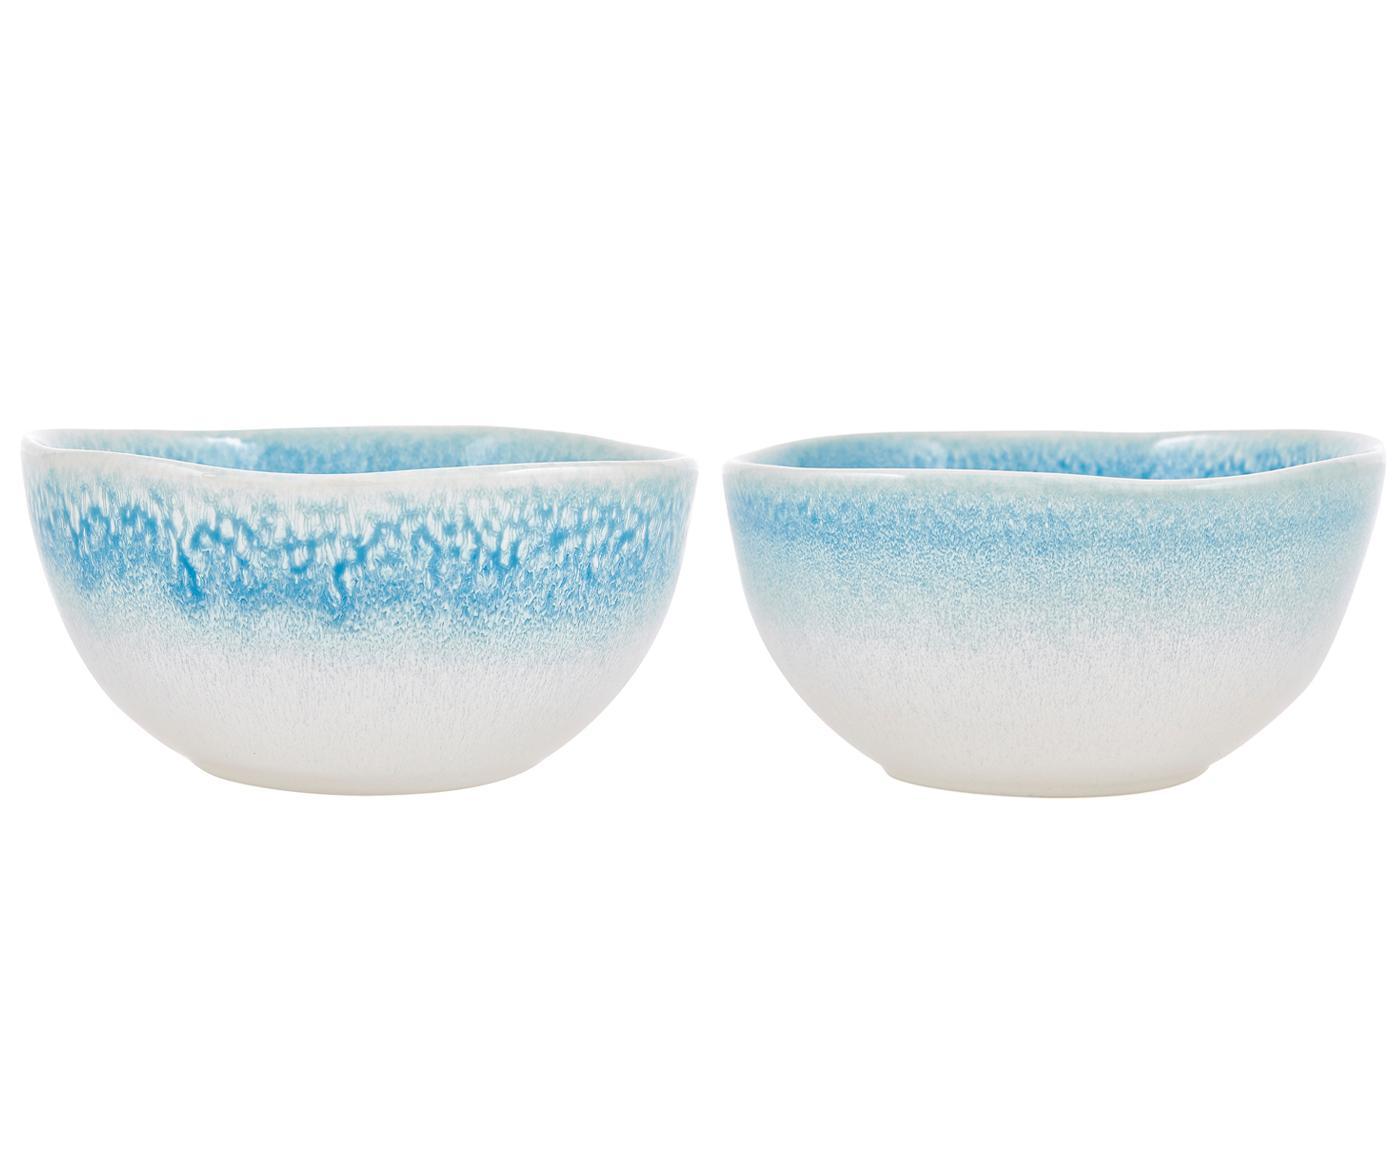 Handgemaakte schalen Amalia, 2 stuks, Keramiek, Lichtblauw, crèmewit, Ø 14 x H 7 cm